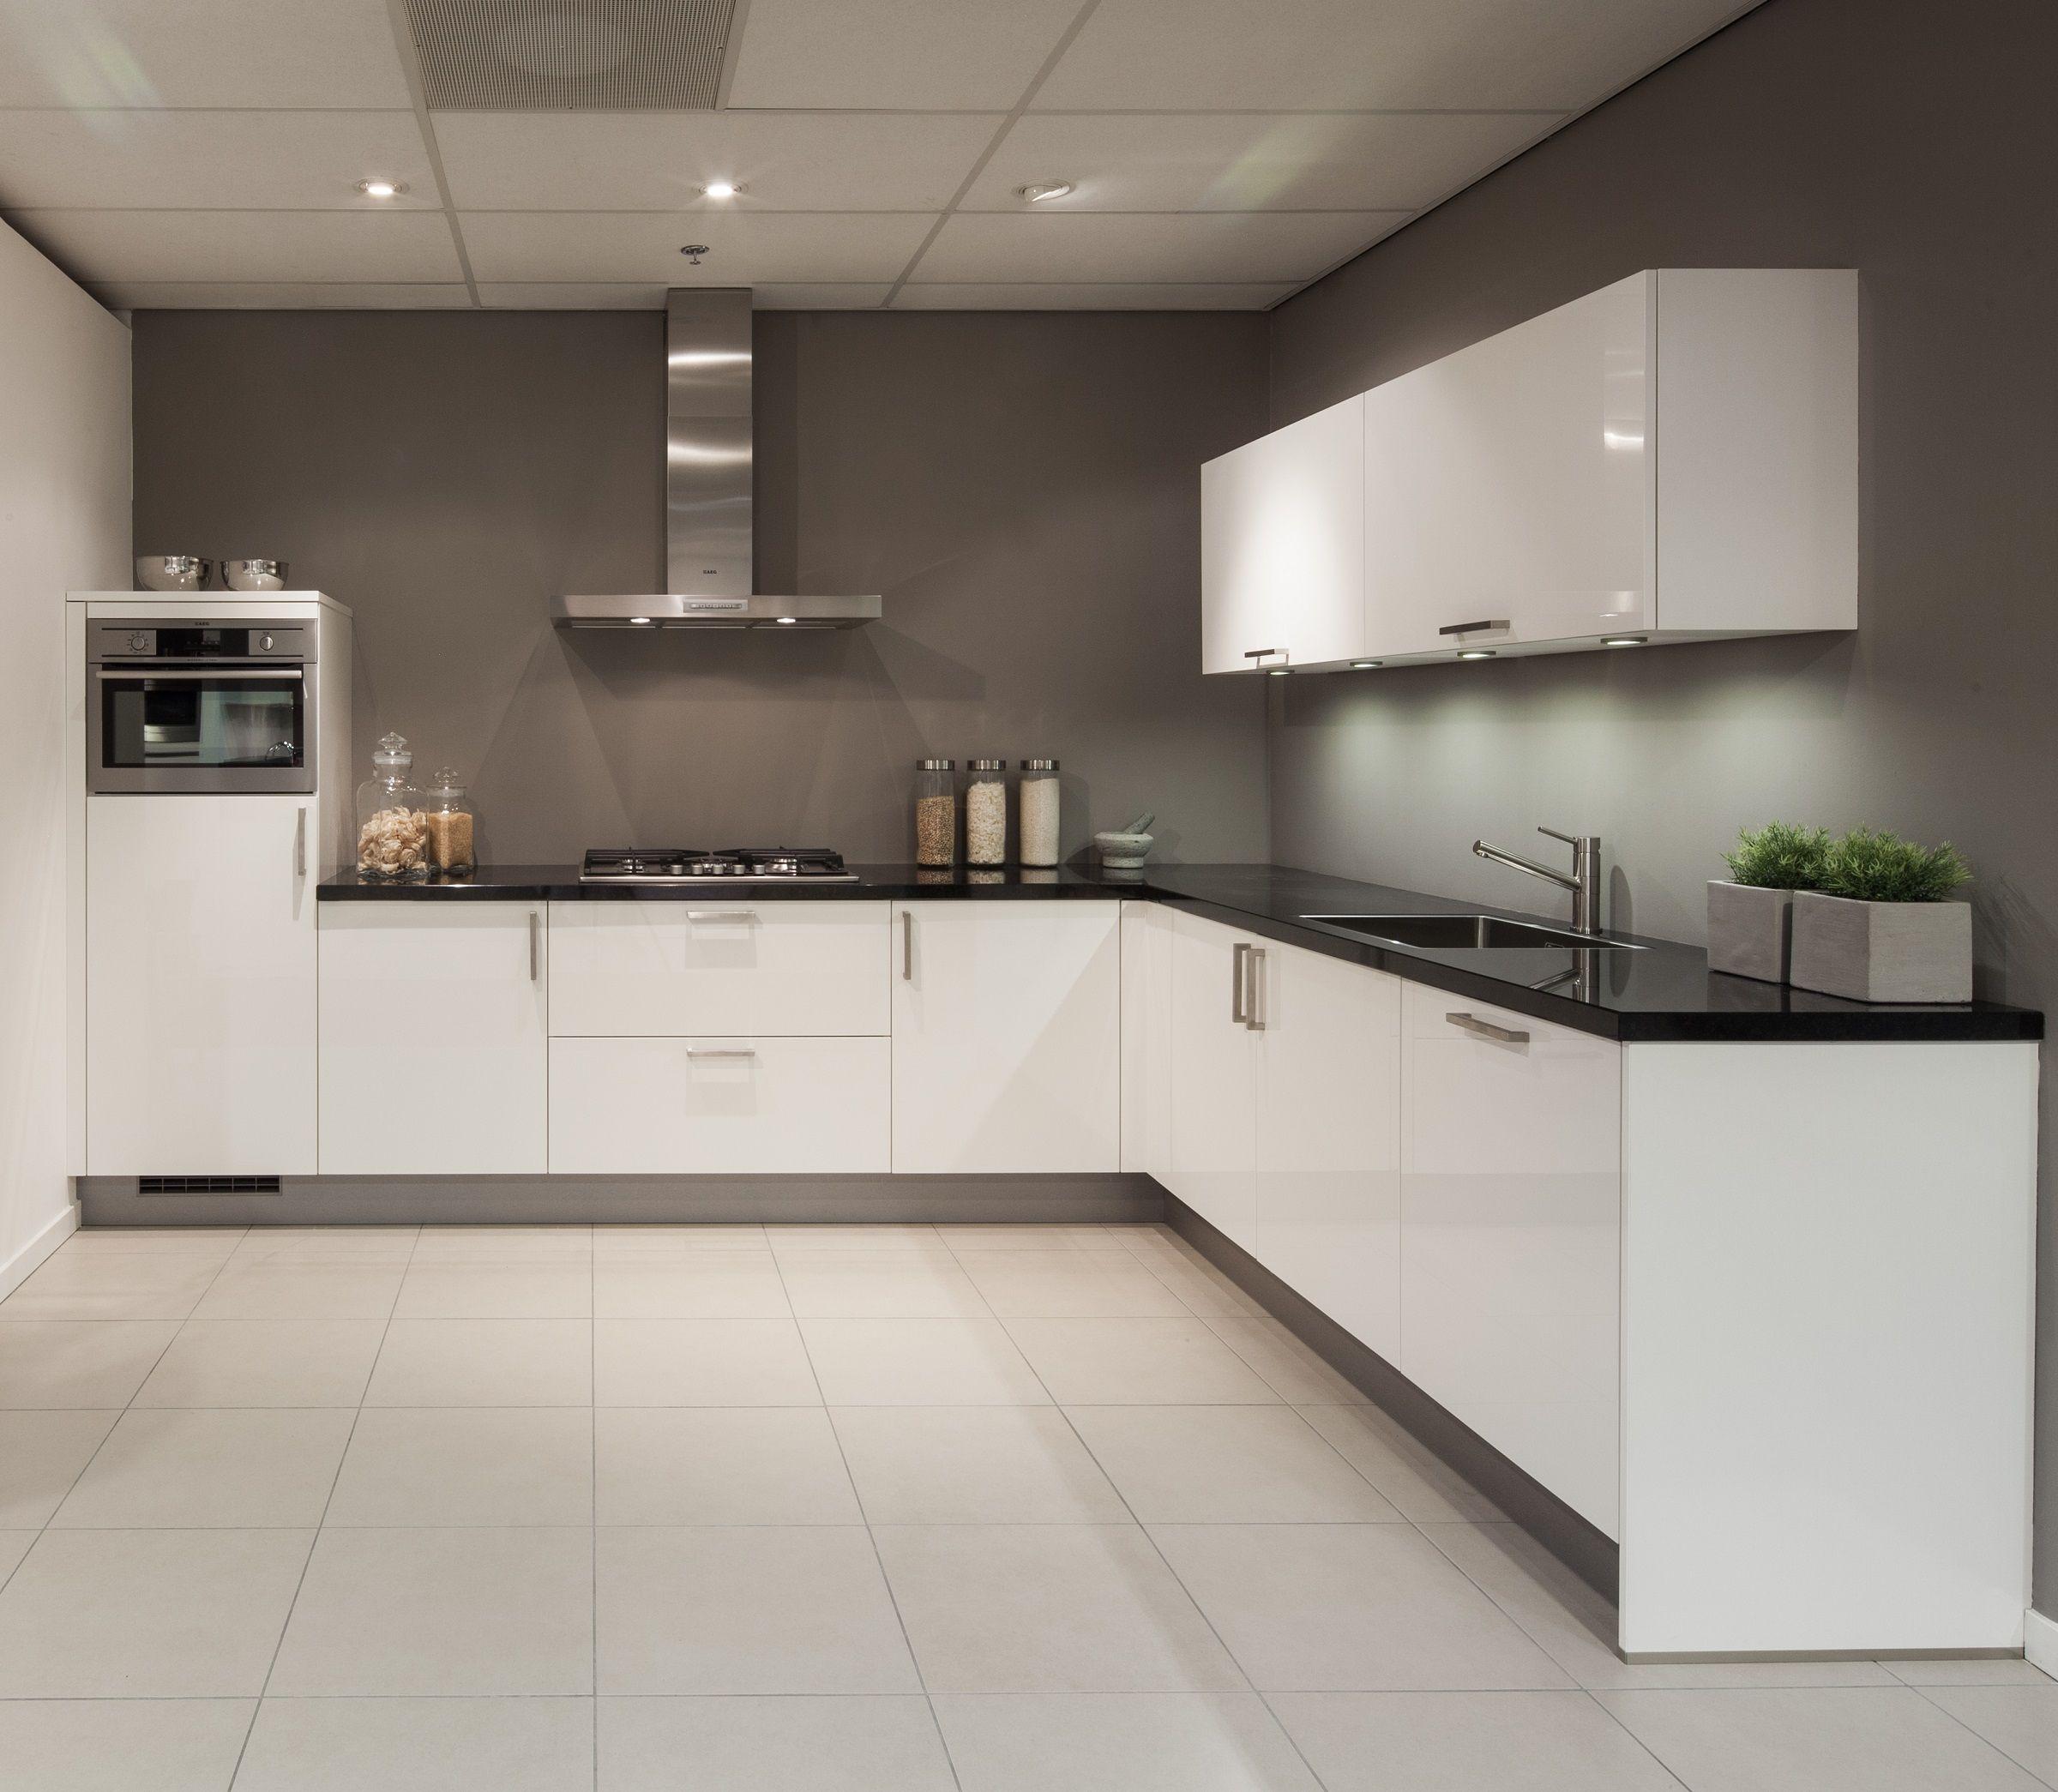 Hoogglans Wit Keuken Met Granieten Werkblad Alleen Dan Greeploos Zonder Bovenkasten En Dubbele Hoge Kast Keuken Ontwerpen Keuken Ideeen Modern Keuken Ontwerp